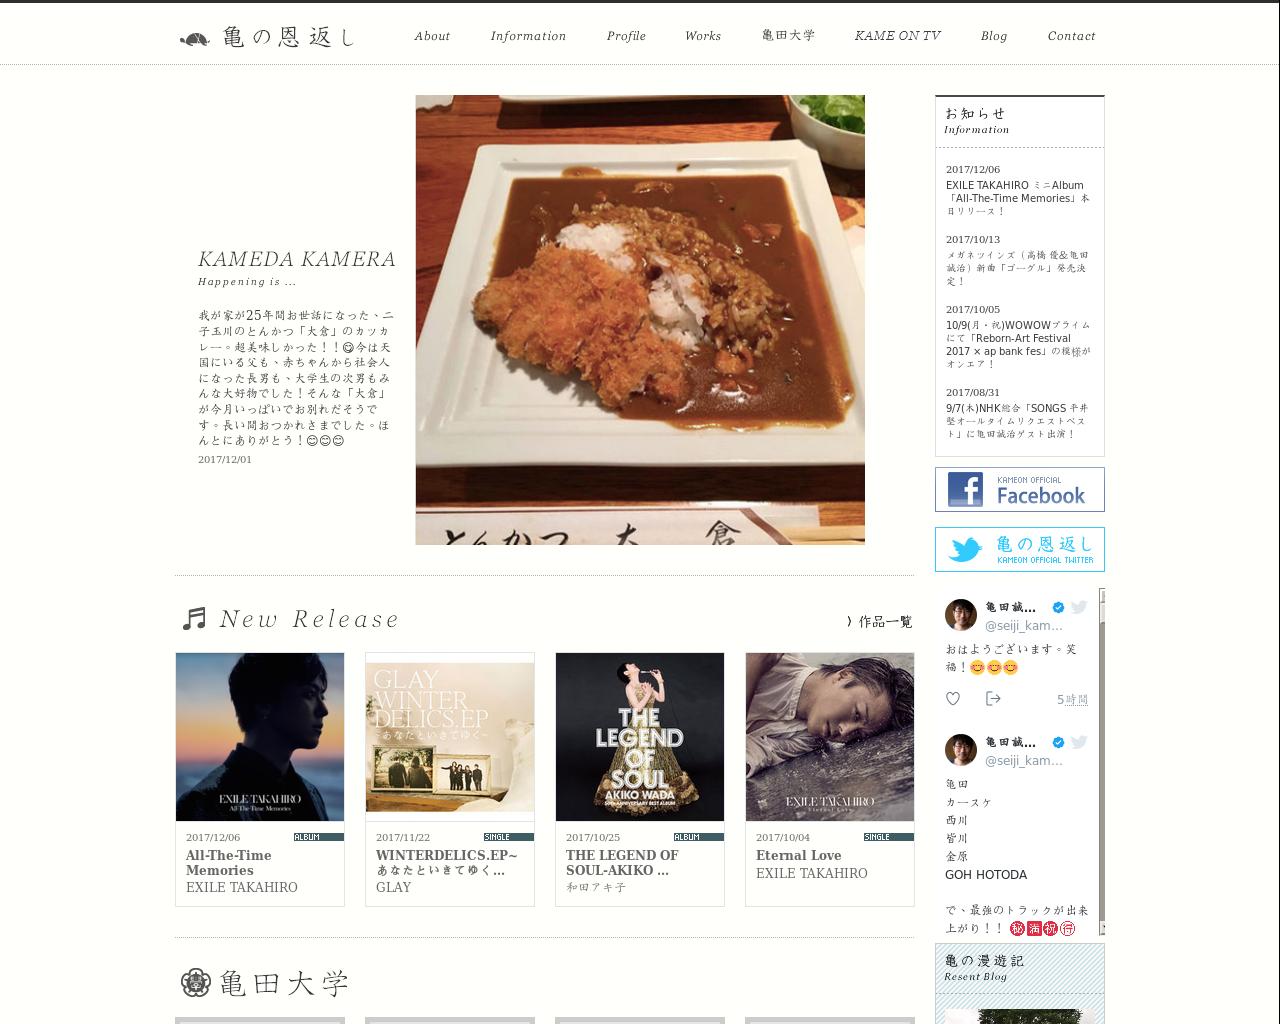 kame-on.com(2017/12/07 10:51:28)